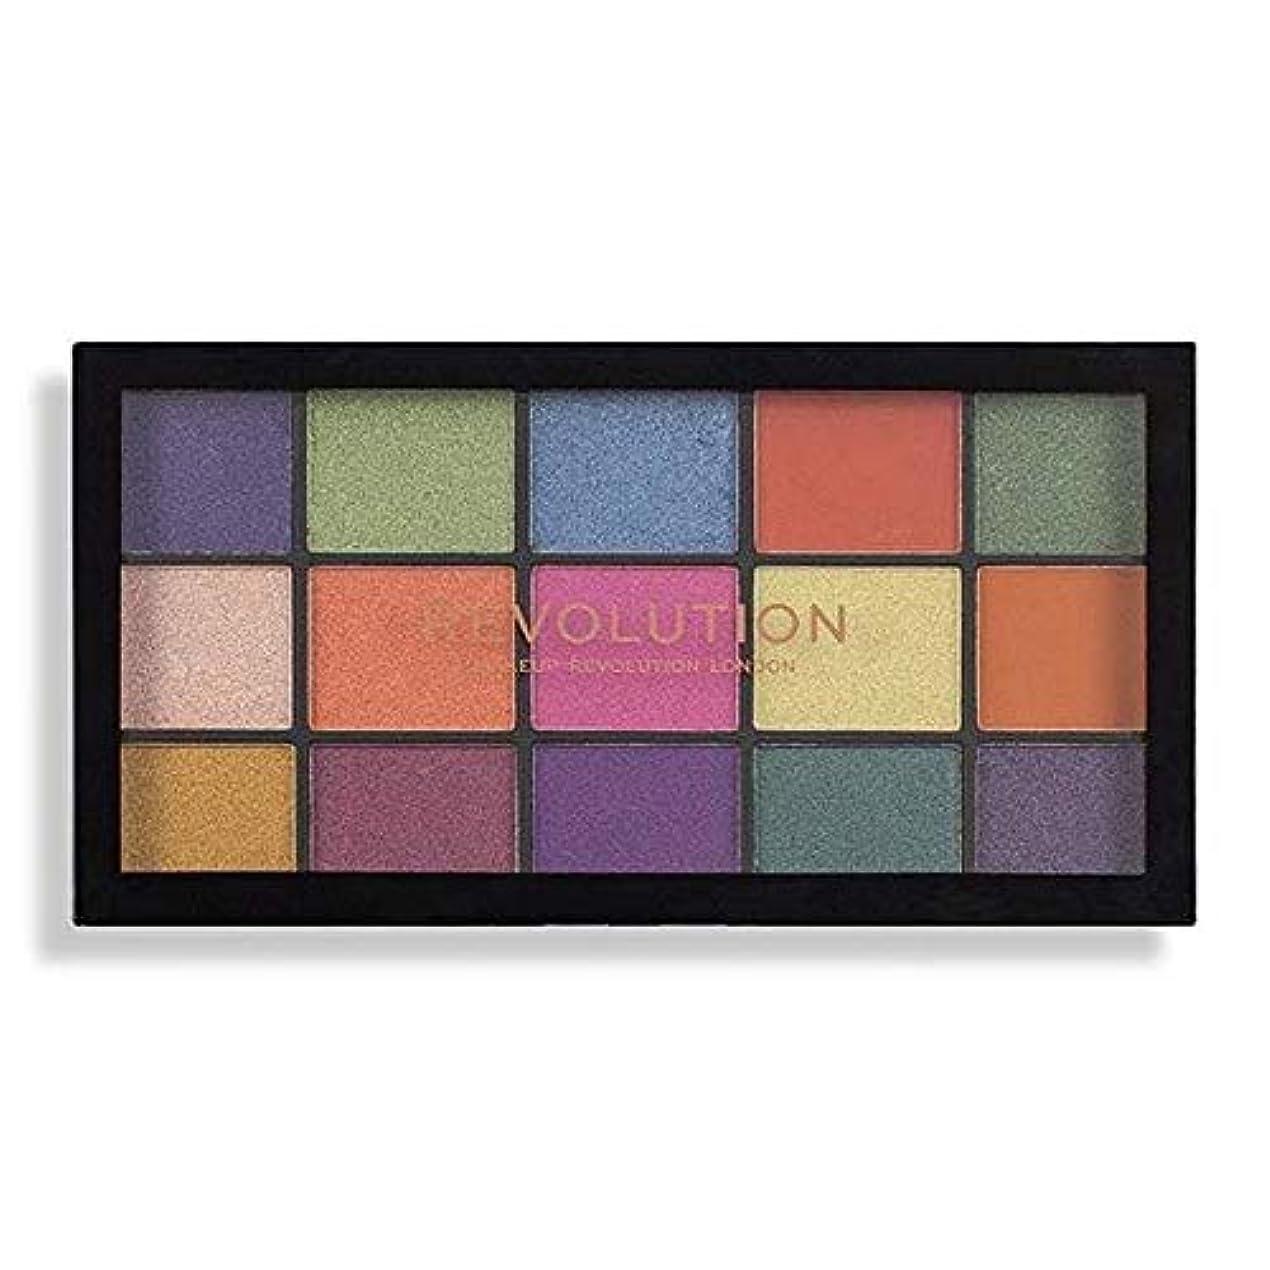 著名な役立つフレット[Revolution ] 色のアイシャドウパレットのための革命の再ロードの情熱 - Revolution Re-Loaded Passion for Colour Eye Shadow Palette [並行輸入品]